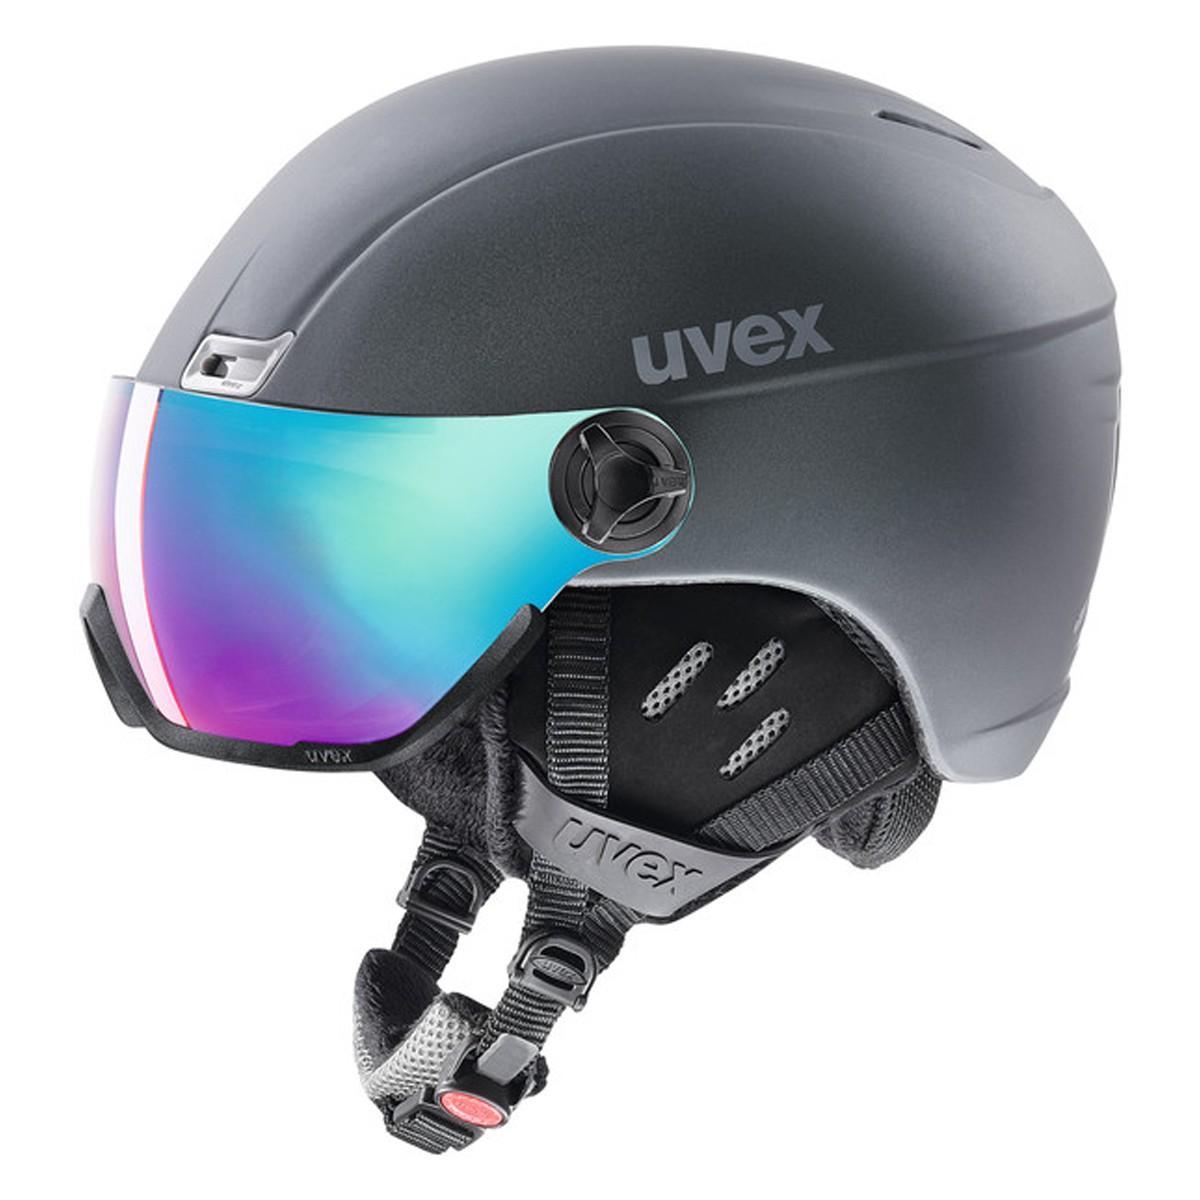 Casco sci Uvex Hlmt 400 Visor style (Colore: titanium mat, Taglia: 58/61)